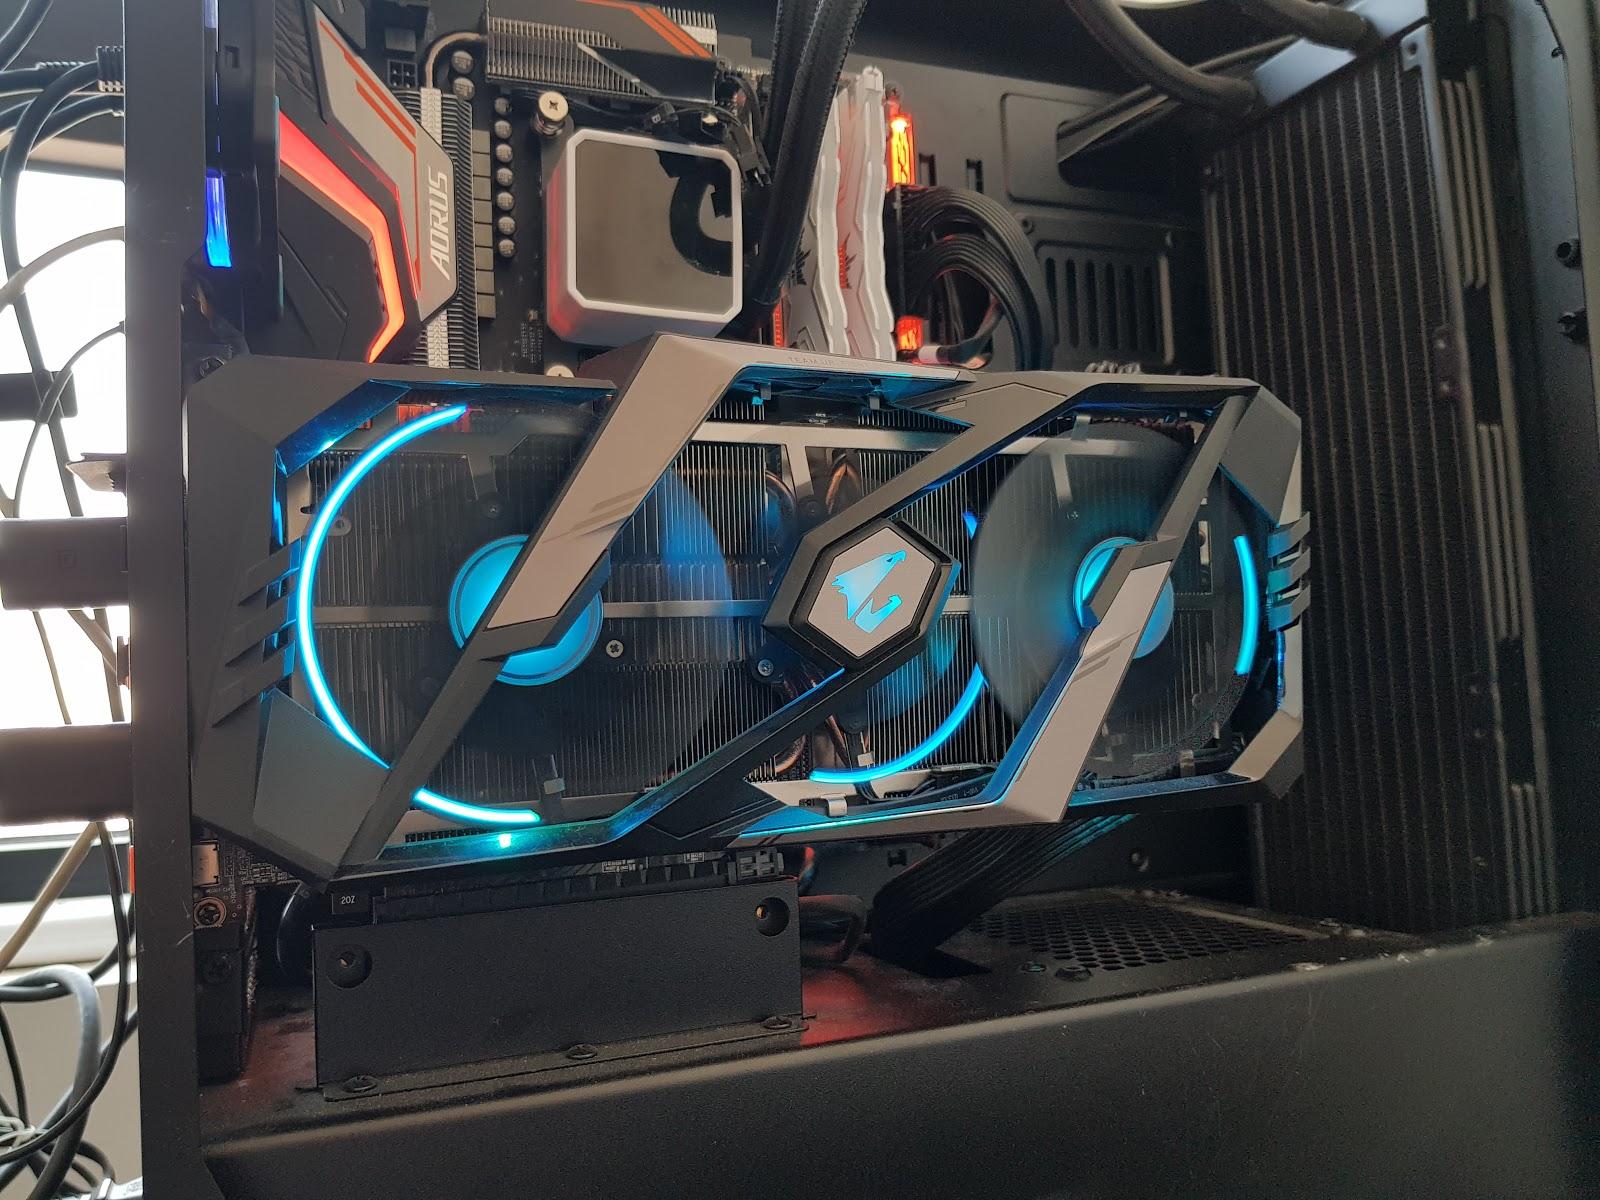 Gigabyte Aorus GeForce RTX 2080 Xtreme: chiếc card đồ họa đẹp nhất năm 2018 - Ảnh 10.